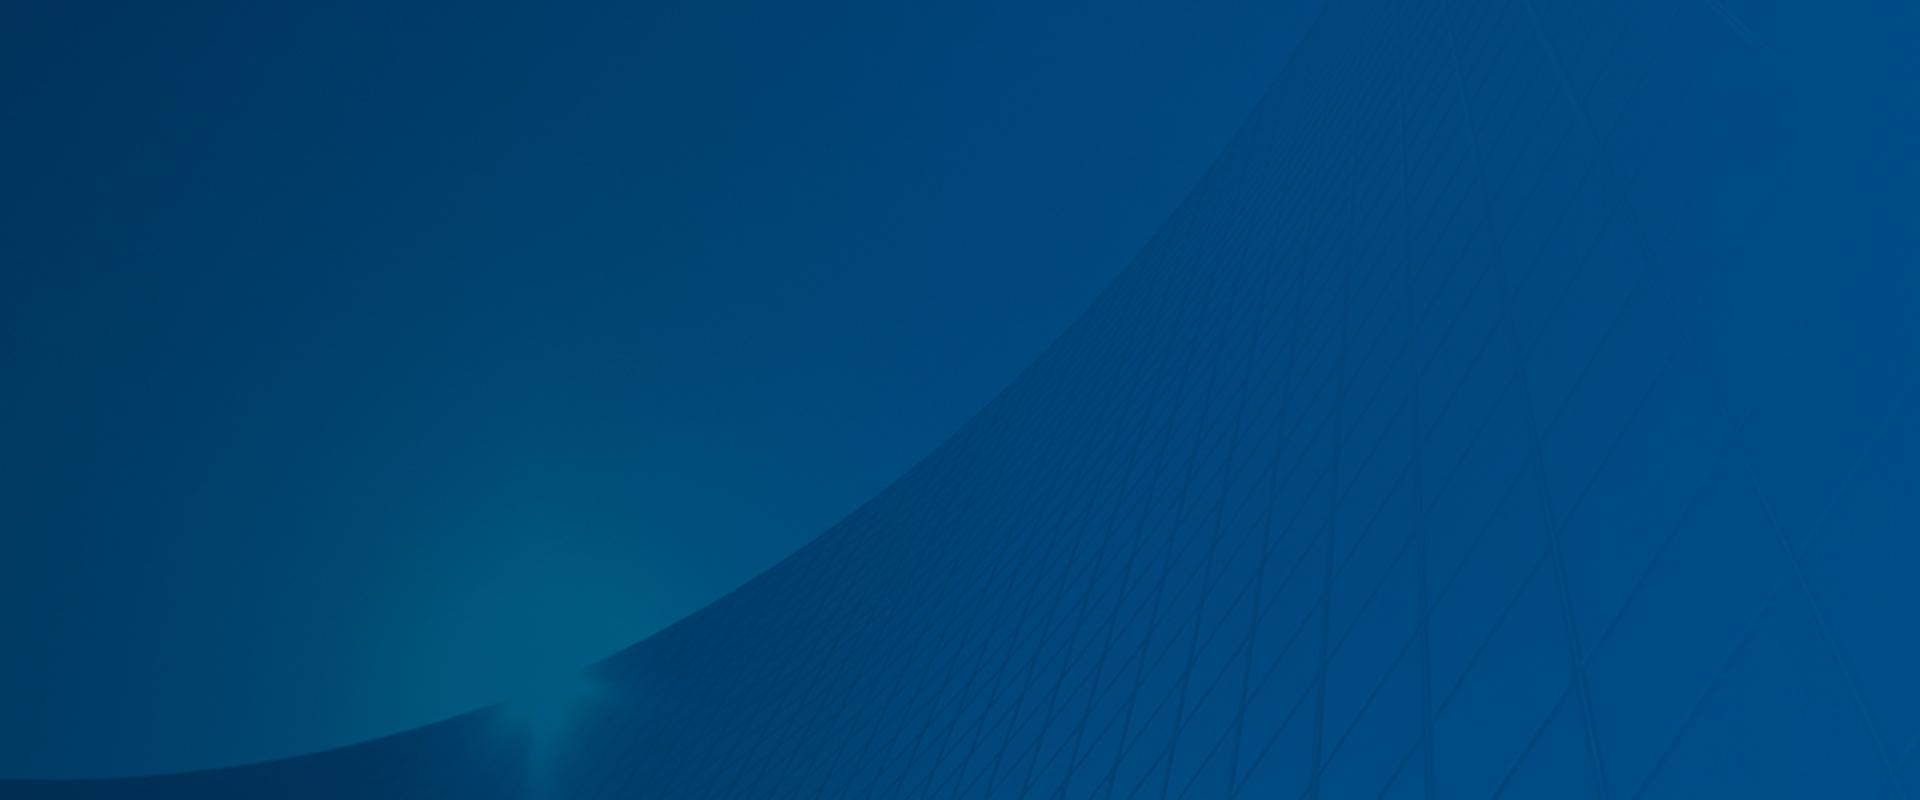 BG-BLUE-op